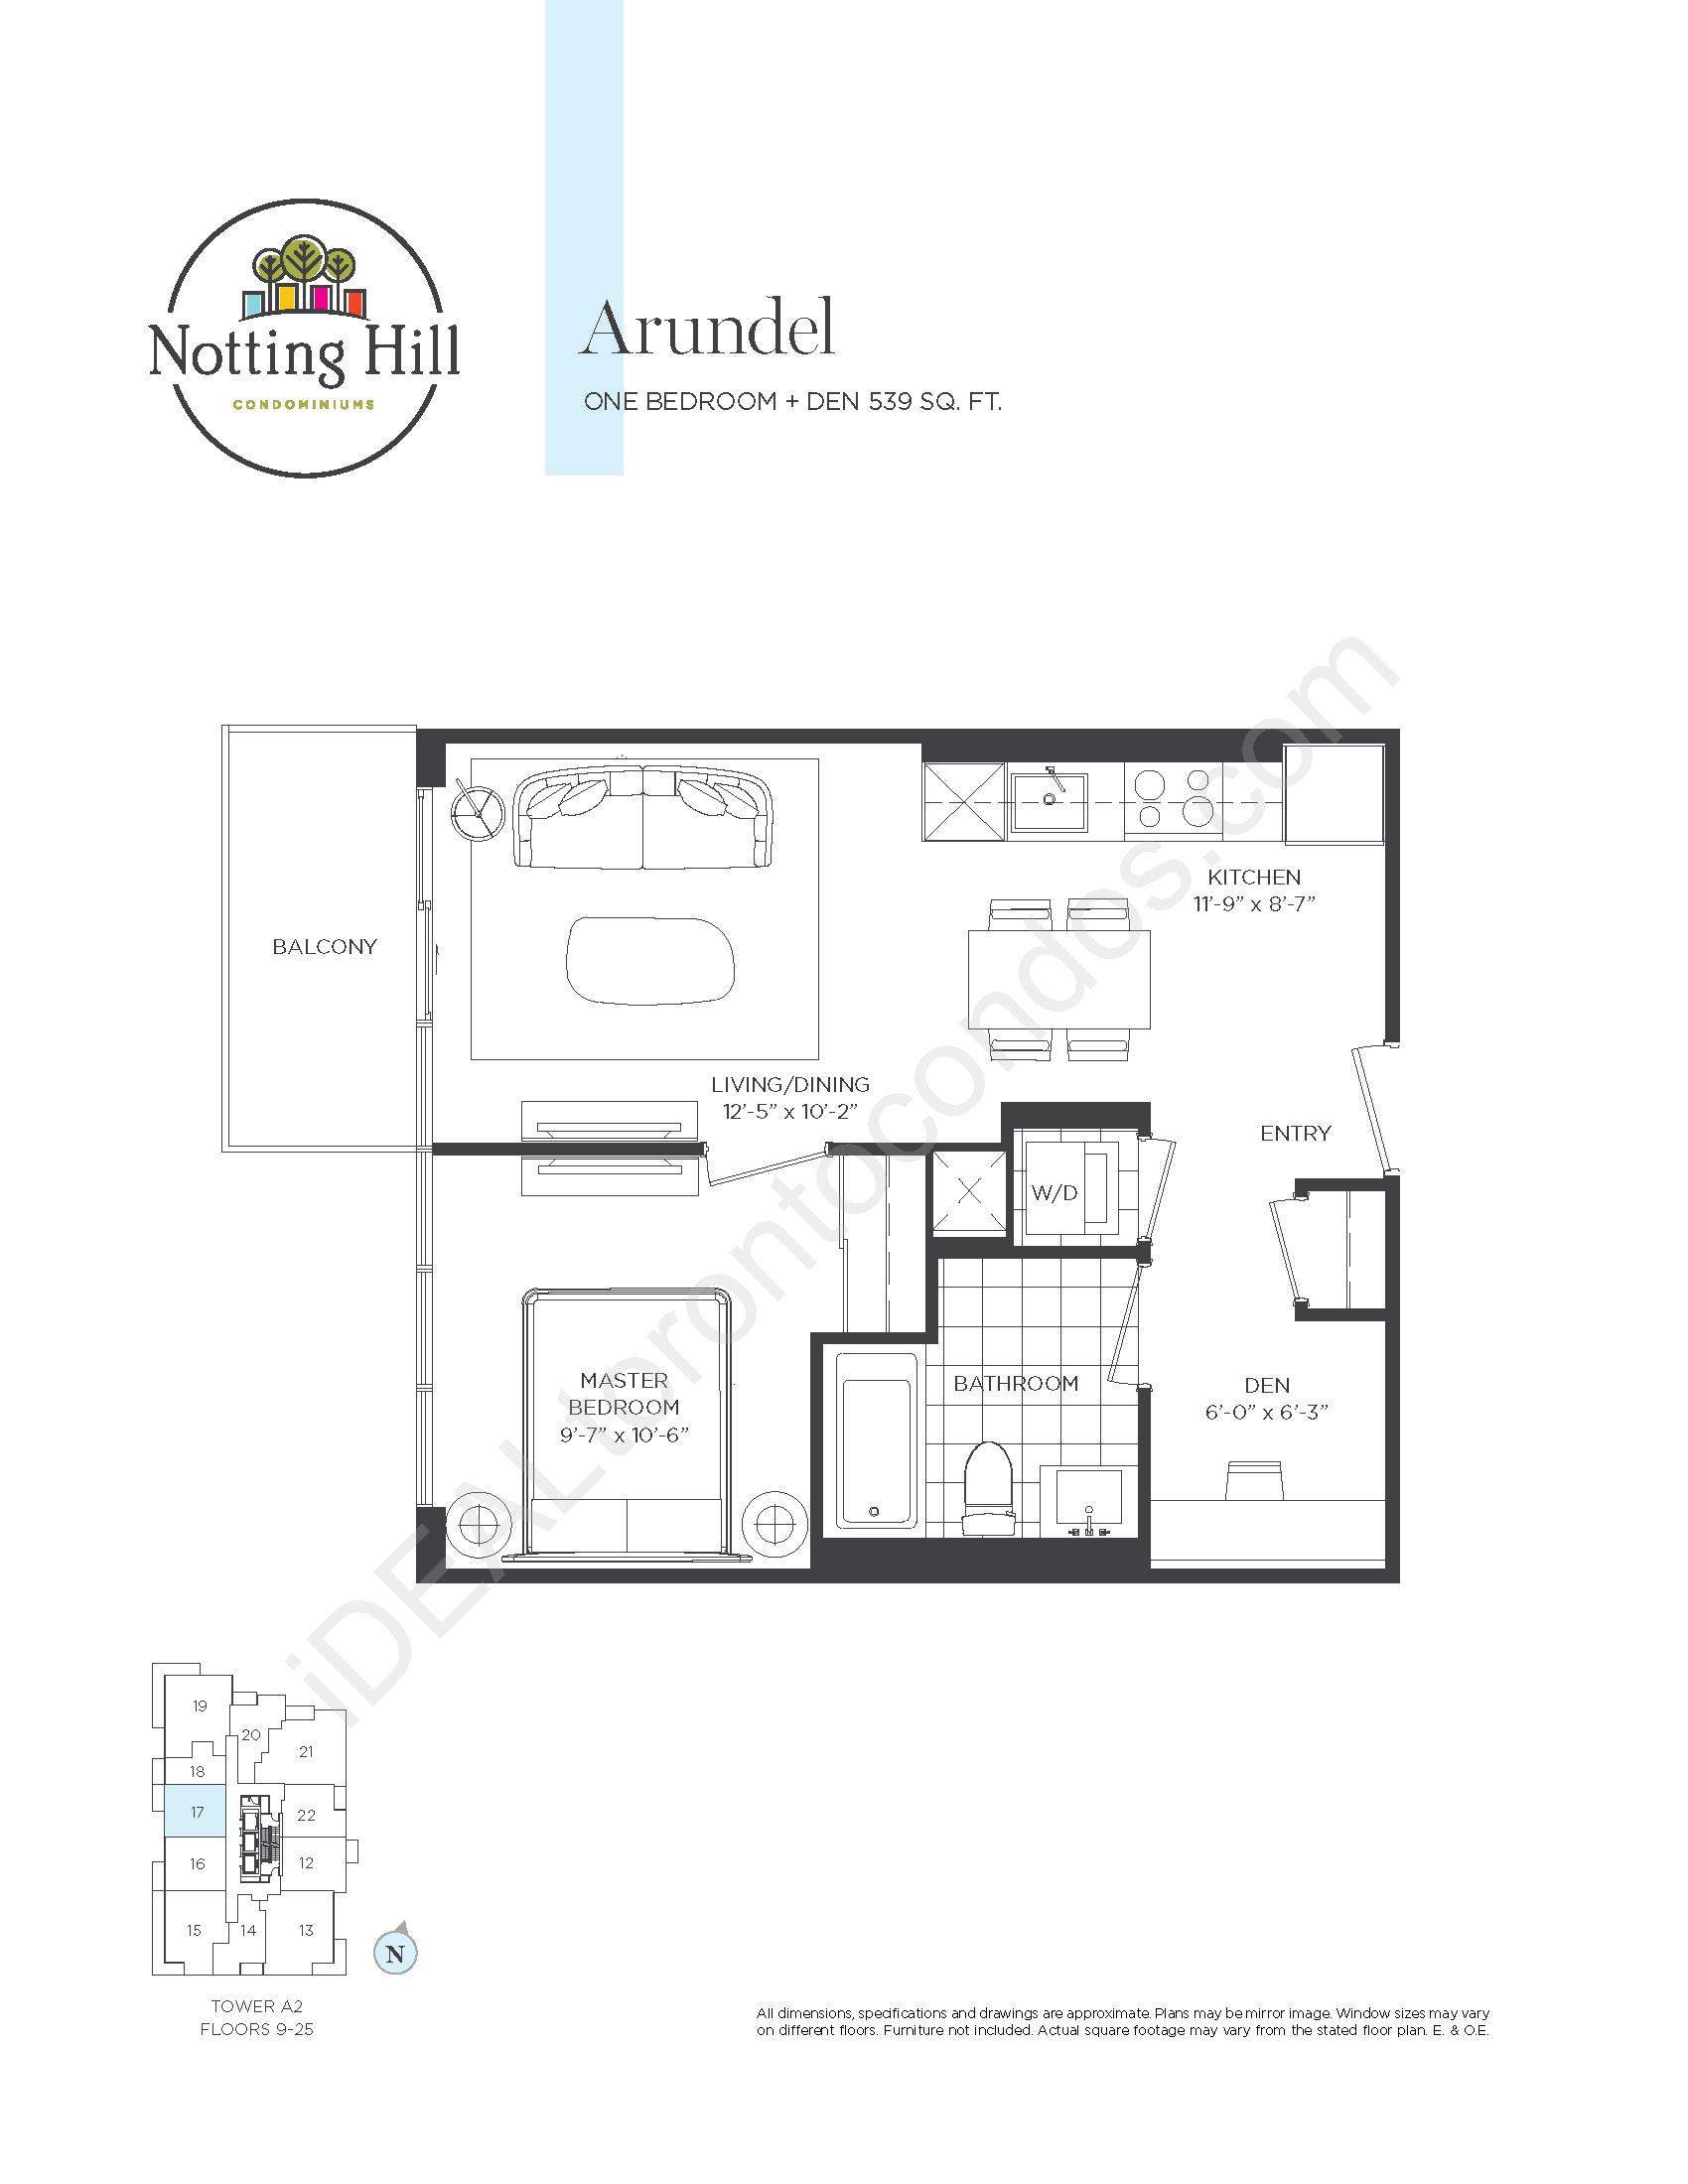 Arundel - One bedroom + den